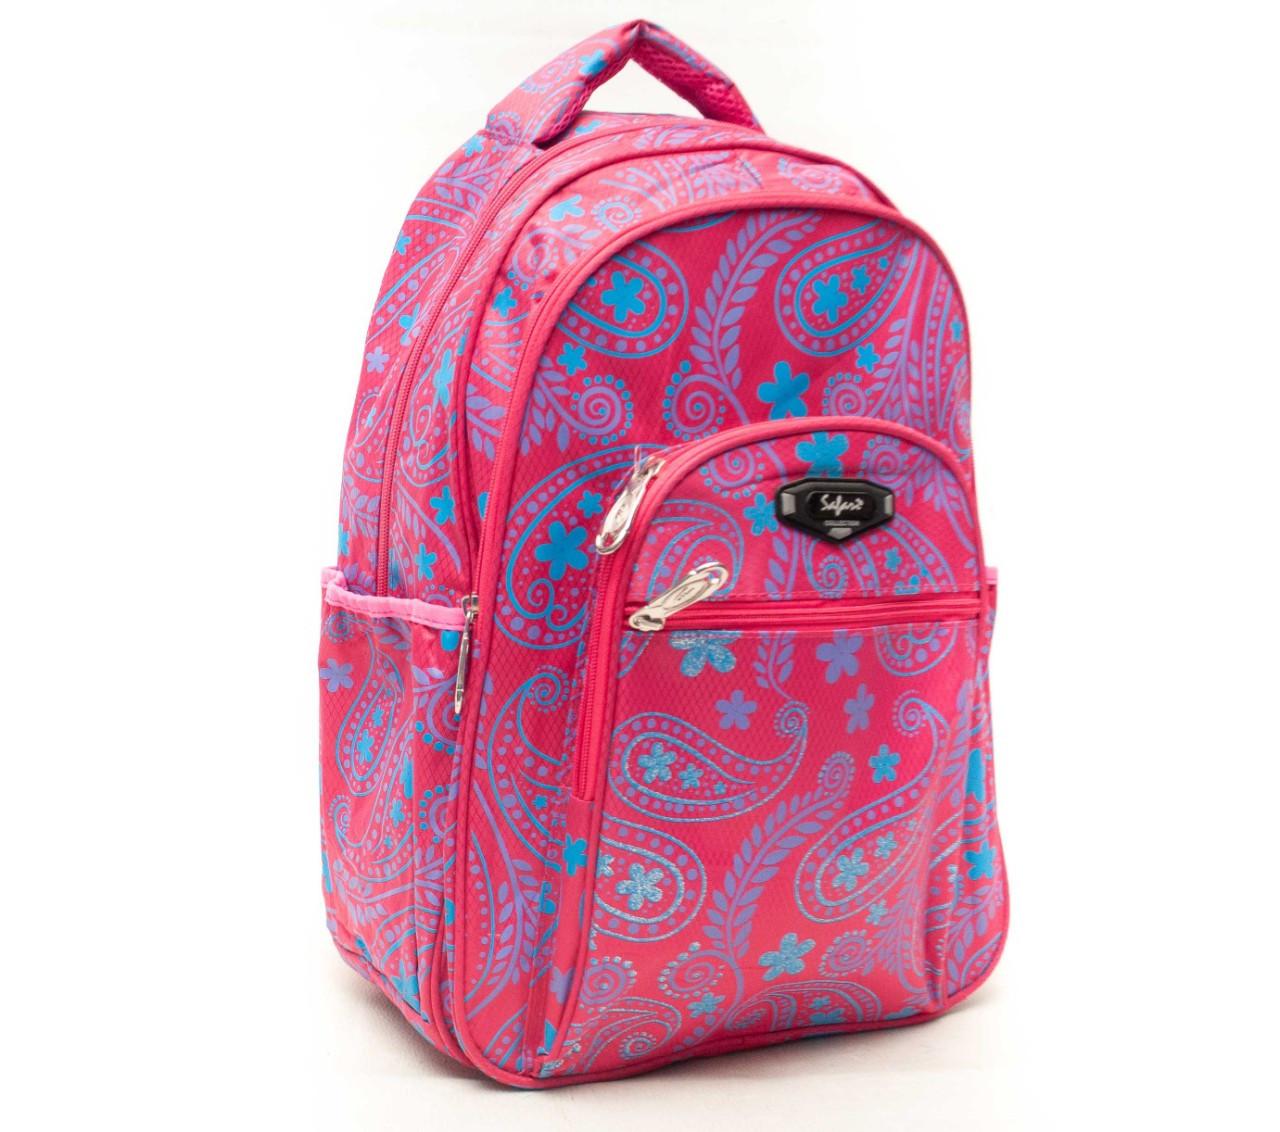 Детский школьный рюкзак 120-1229